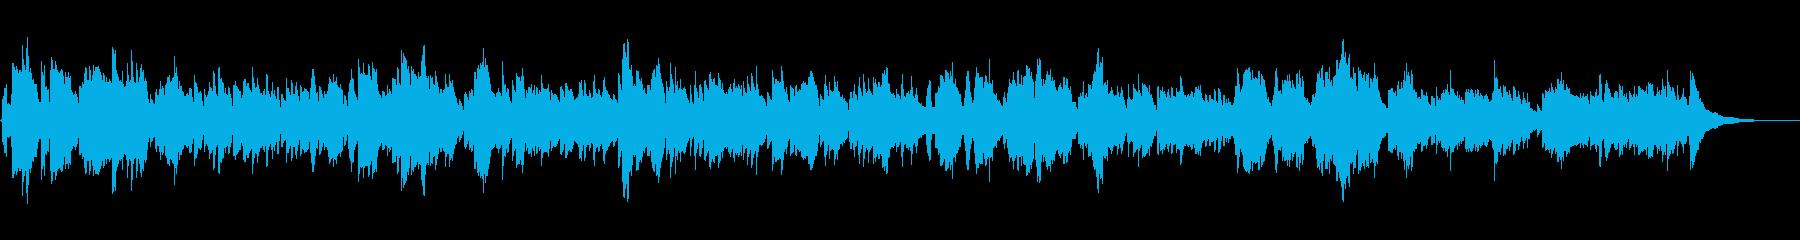 【生演奏 尺八ギター】自然の風景を感じるの再生済みの波形